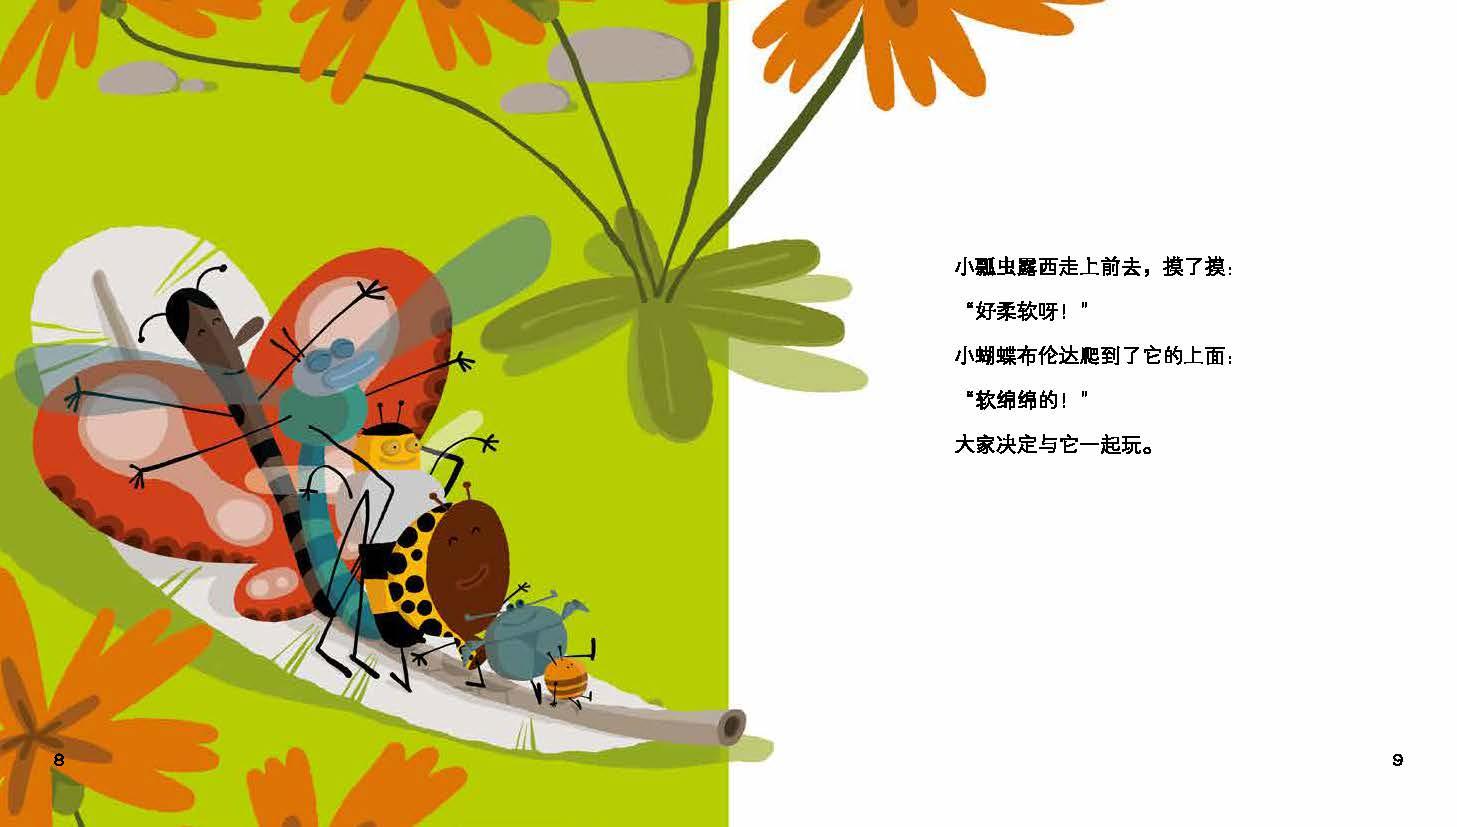 [全新正品] 羽毛 花园里的小动物系列 河北少年儿童出版社 伽玛阿尔门图片